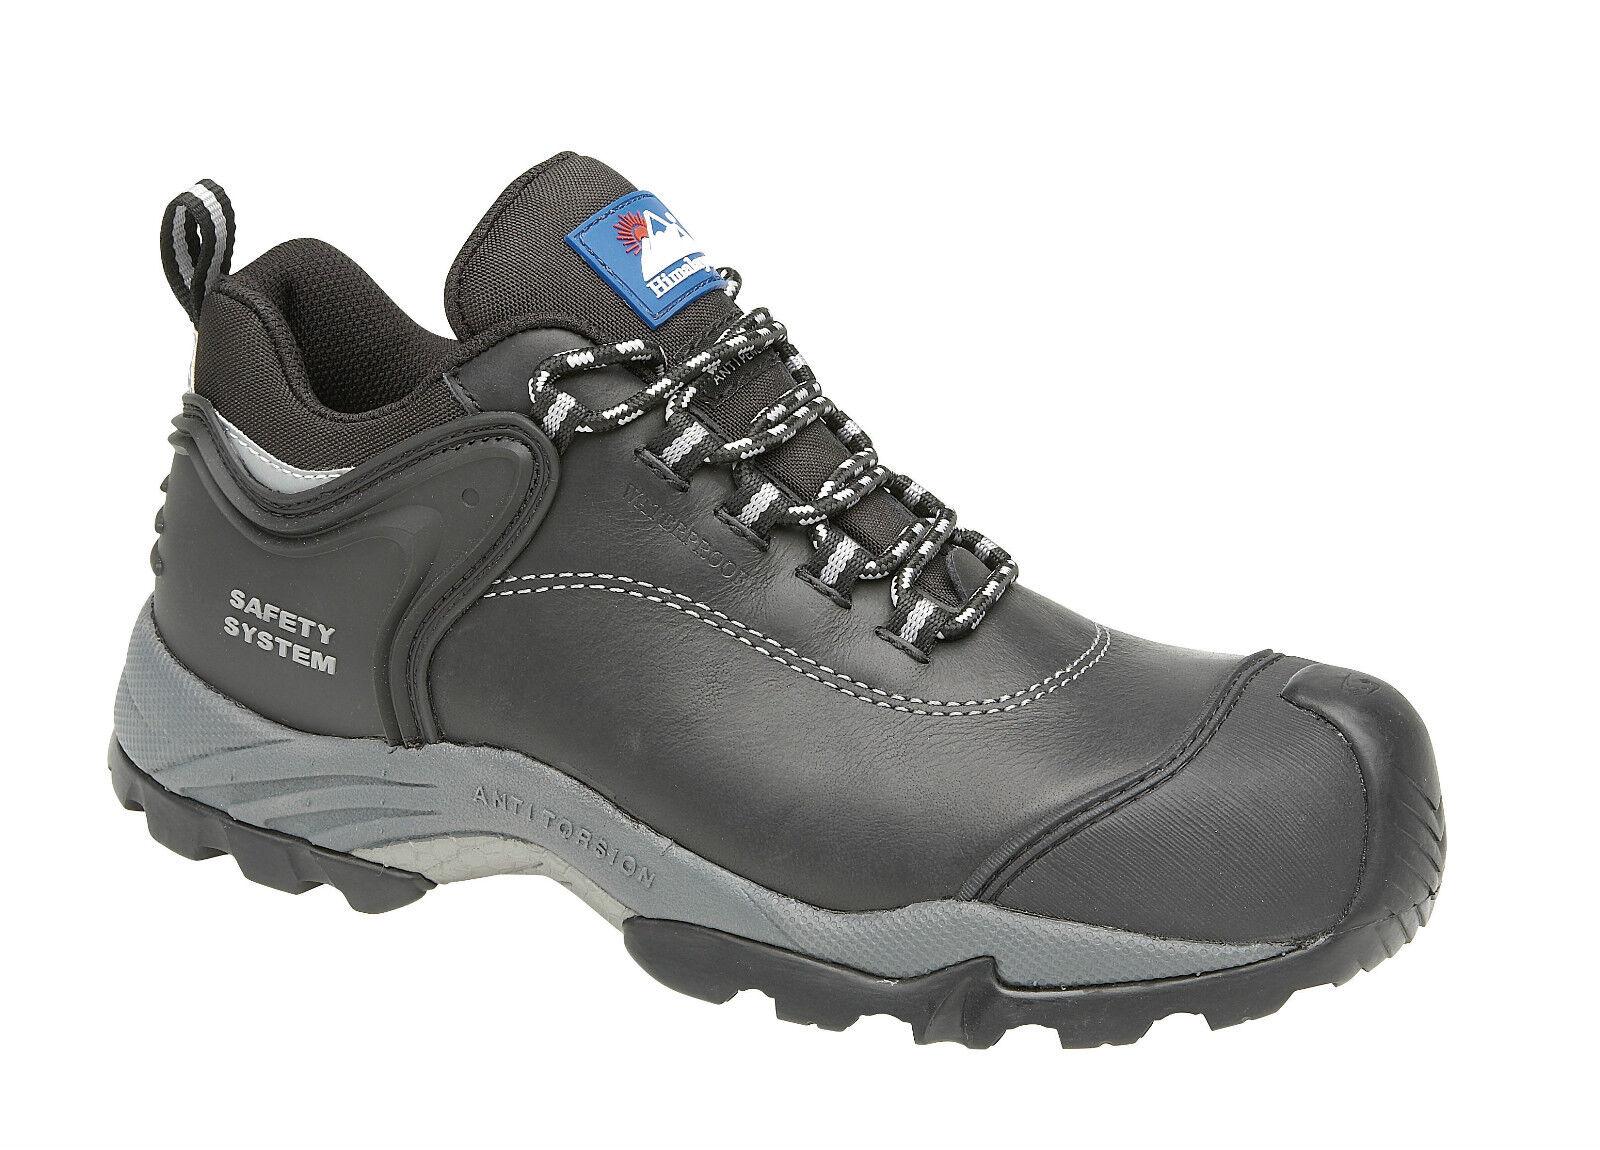 Dell' Himalaya 4108 S3 SRC nero Impermeabili Composito Punta Metallo libero Impermeabili nero Scarpe di sicurezza 23543b